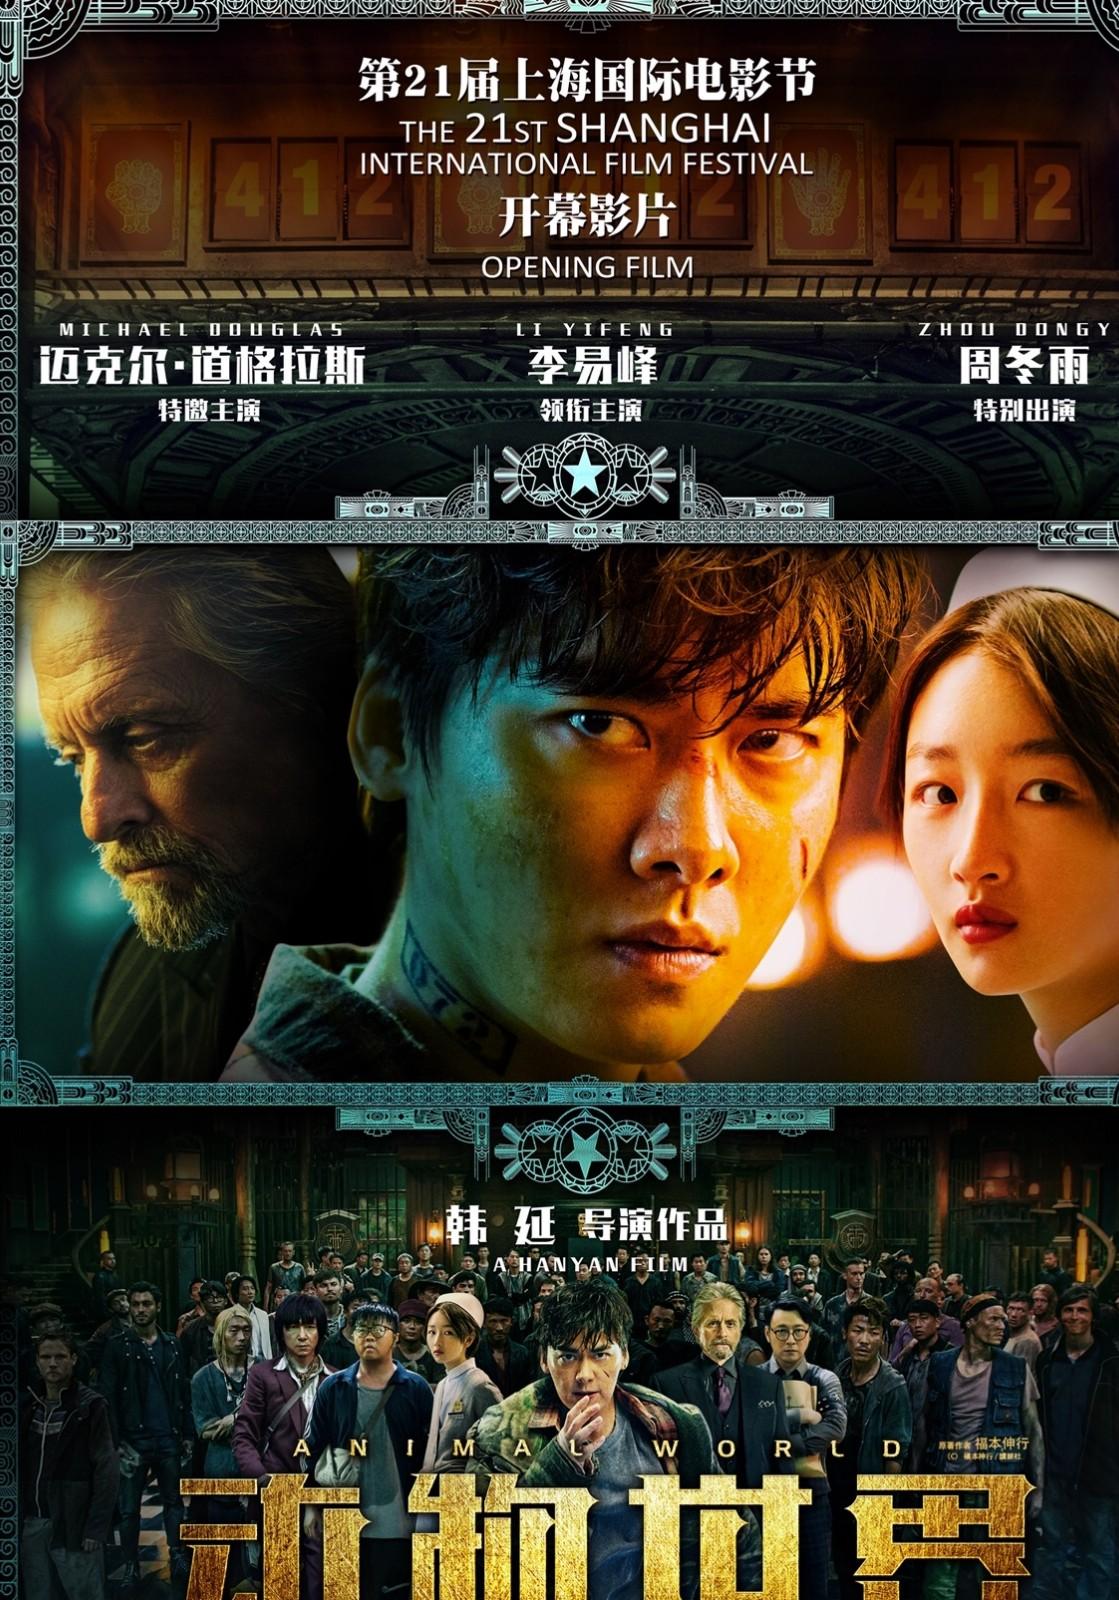 自己主演的电影《动物世界》揭幕上海电影节 李易峰称